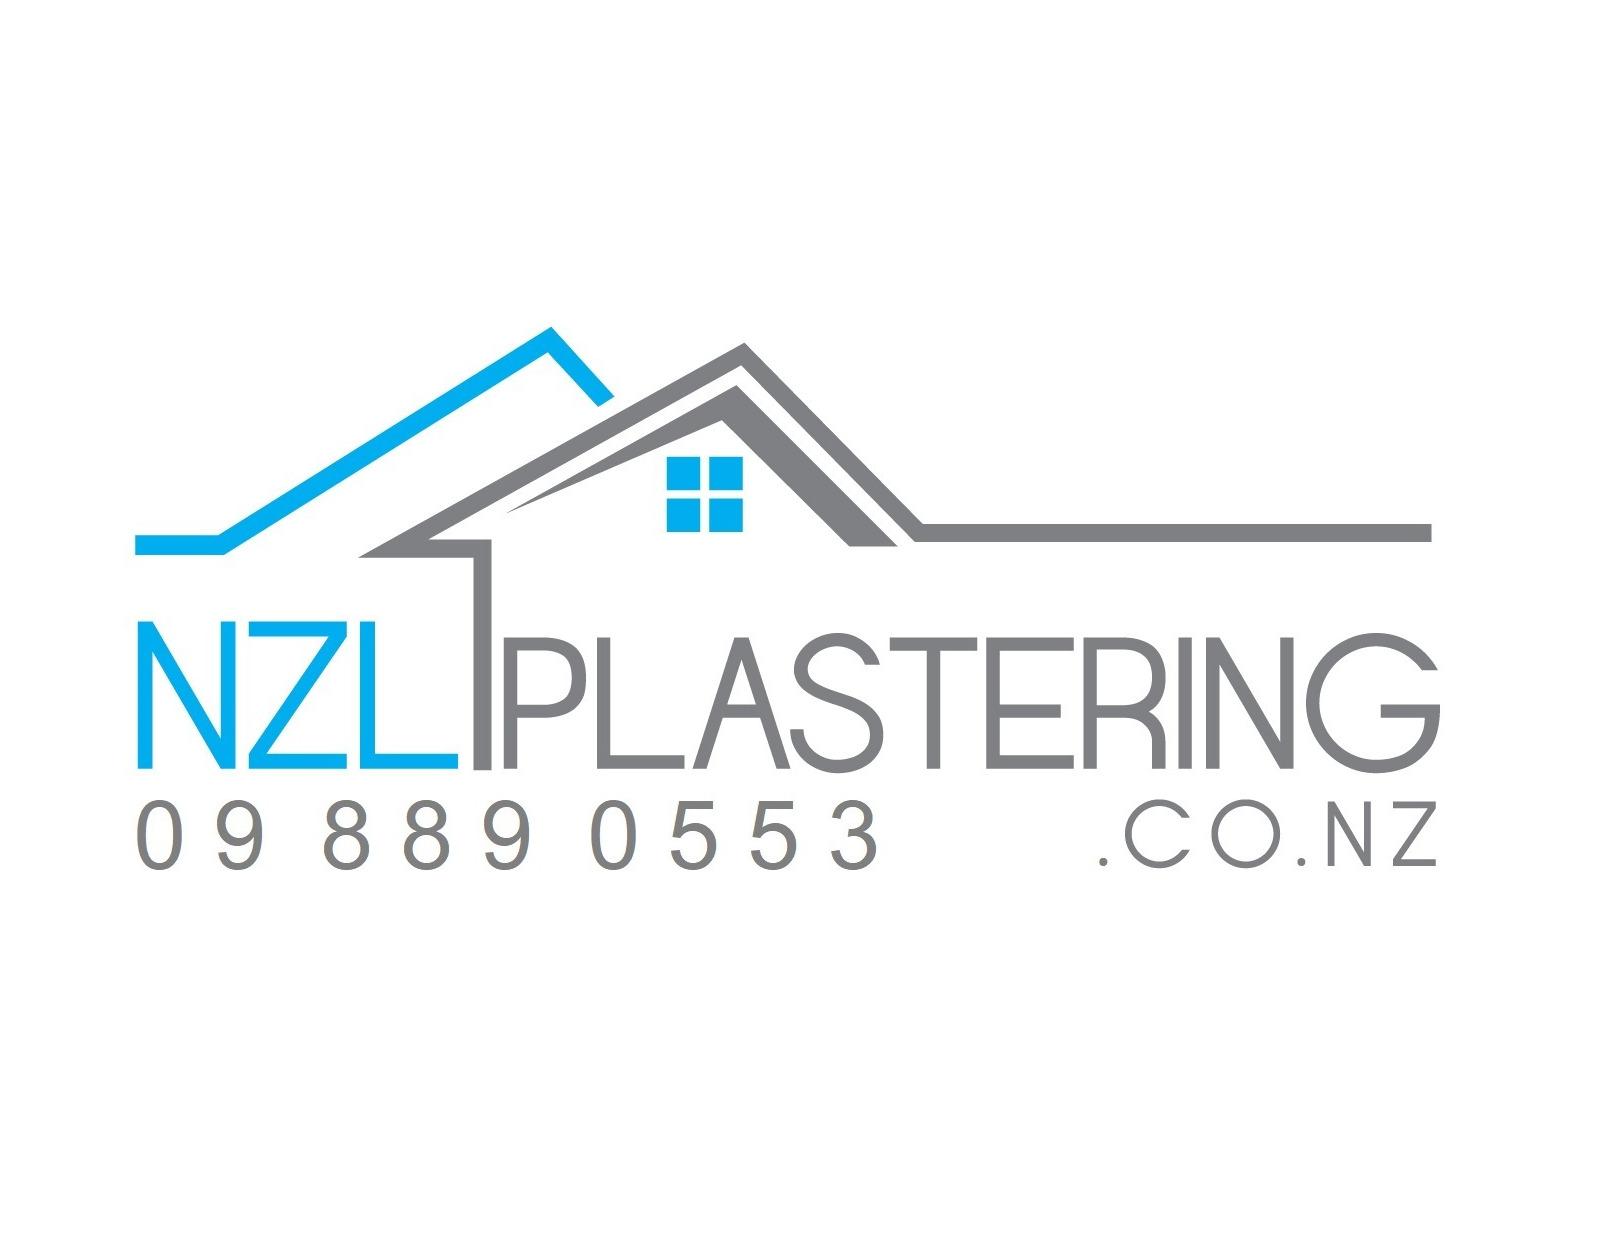 NZL Plastering